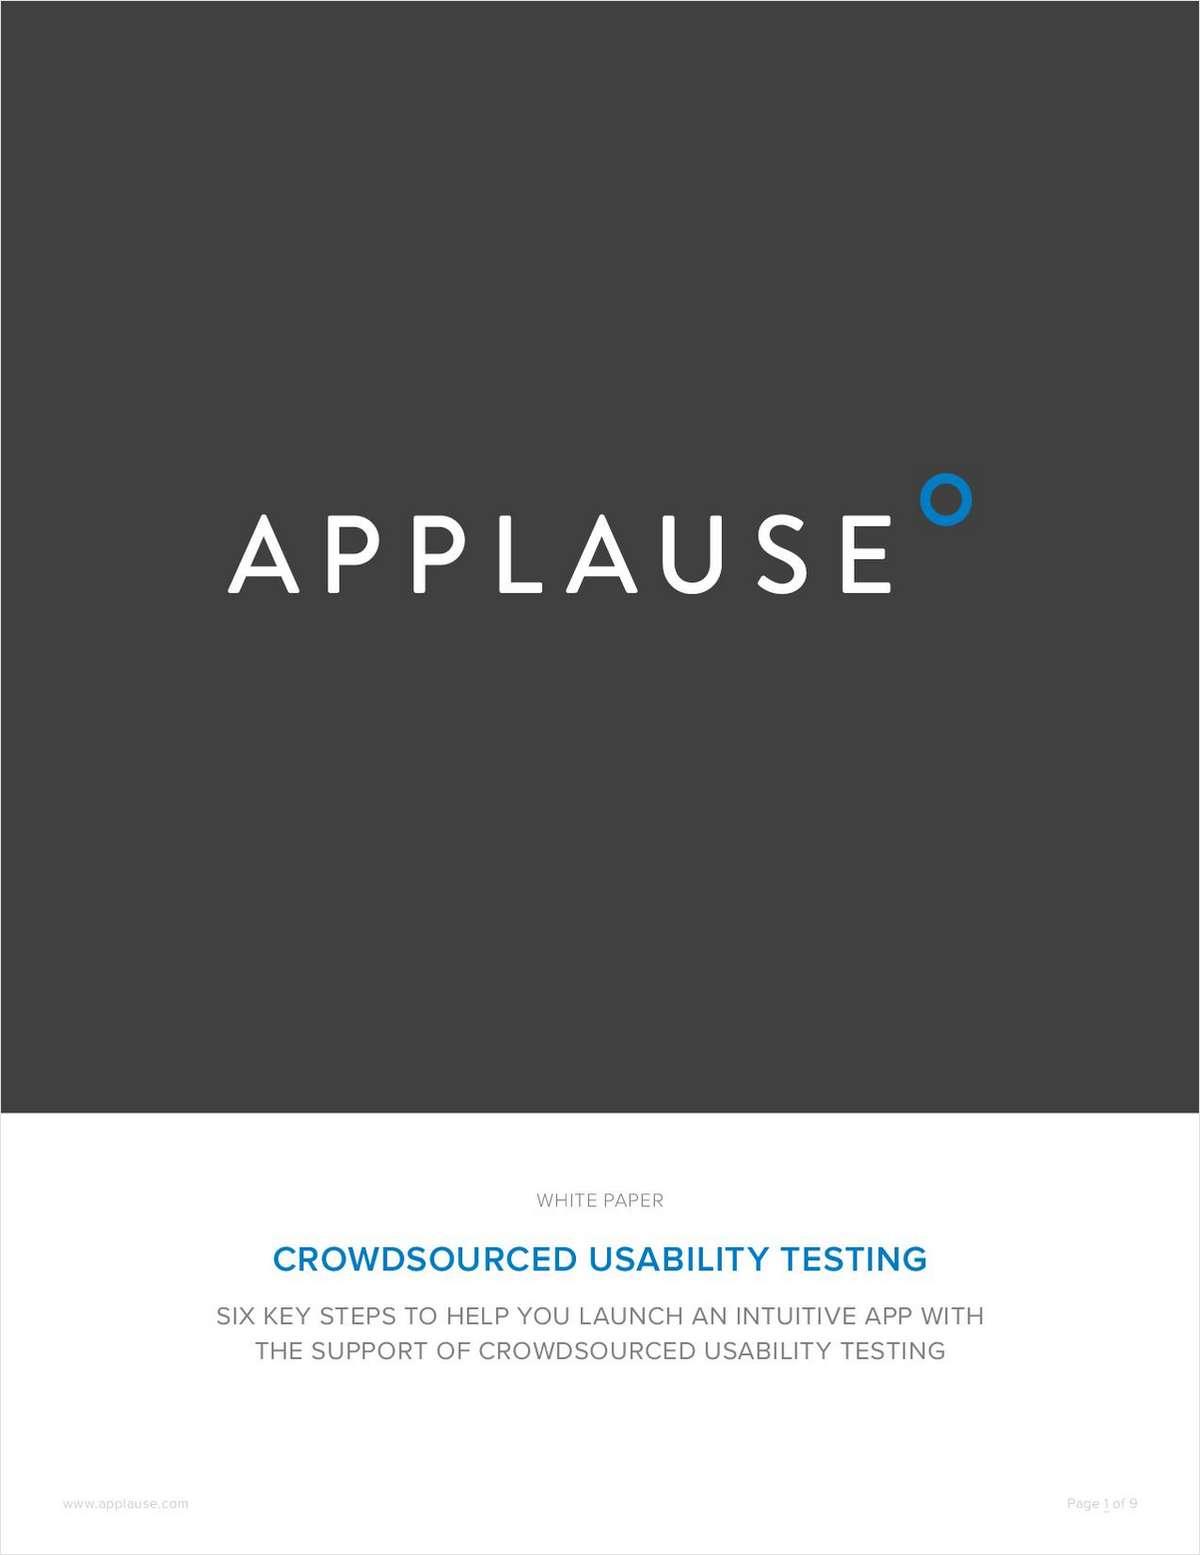 Crowdsourced Usability Testing